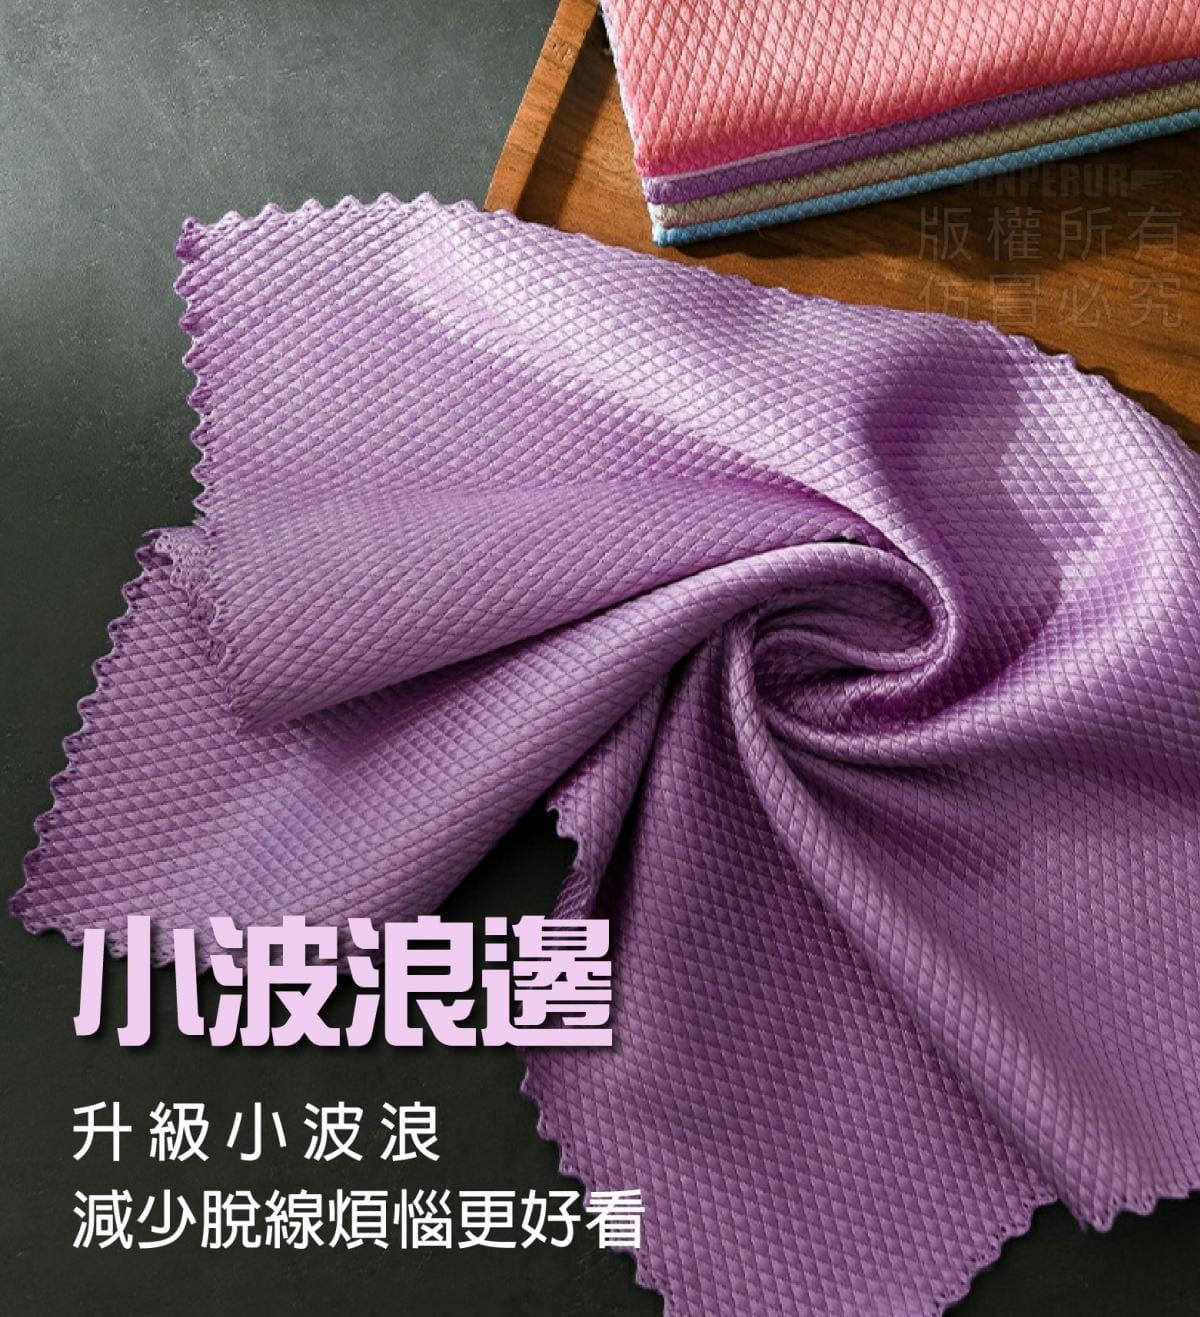 魚鱗紋抹布(20入) 3